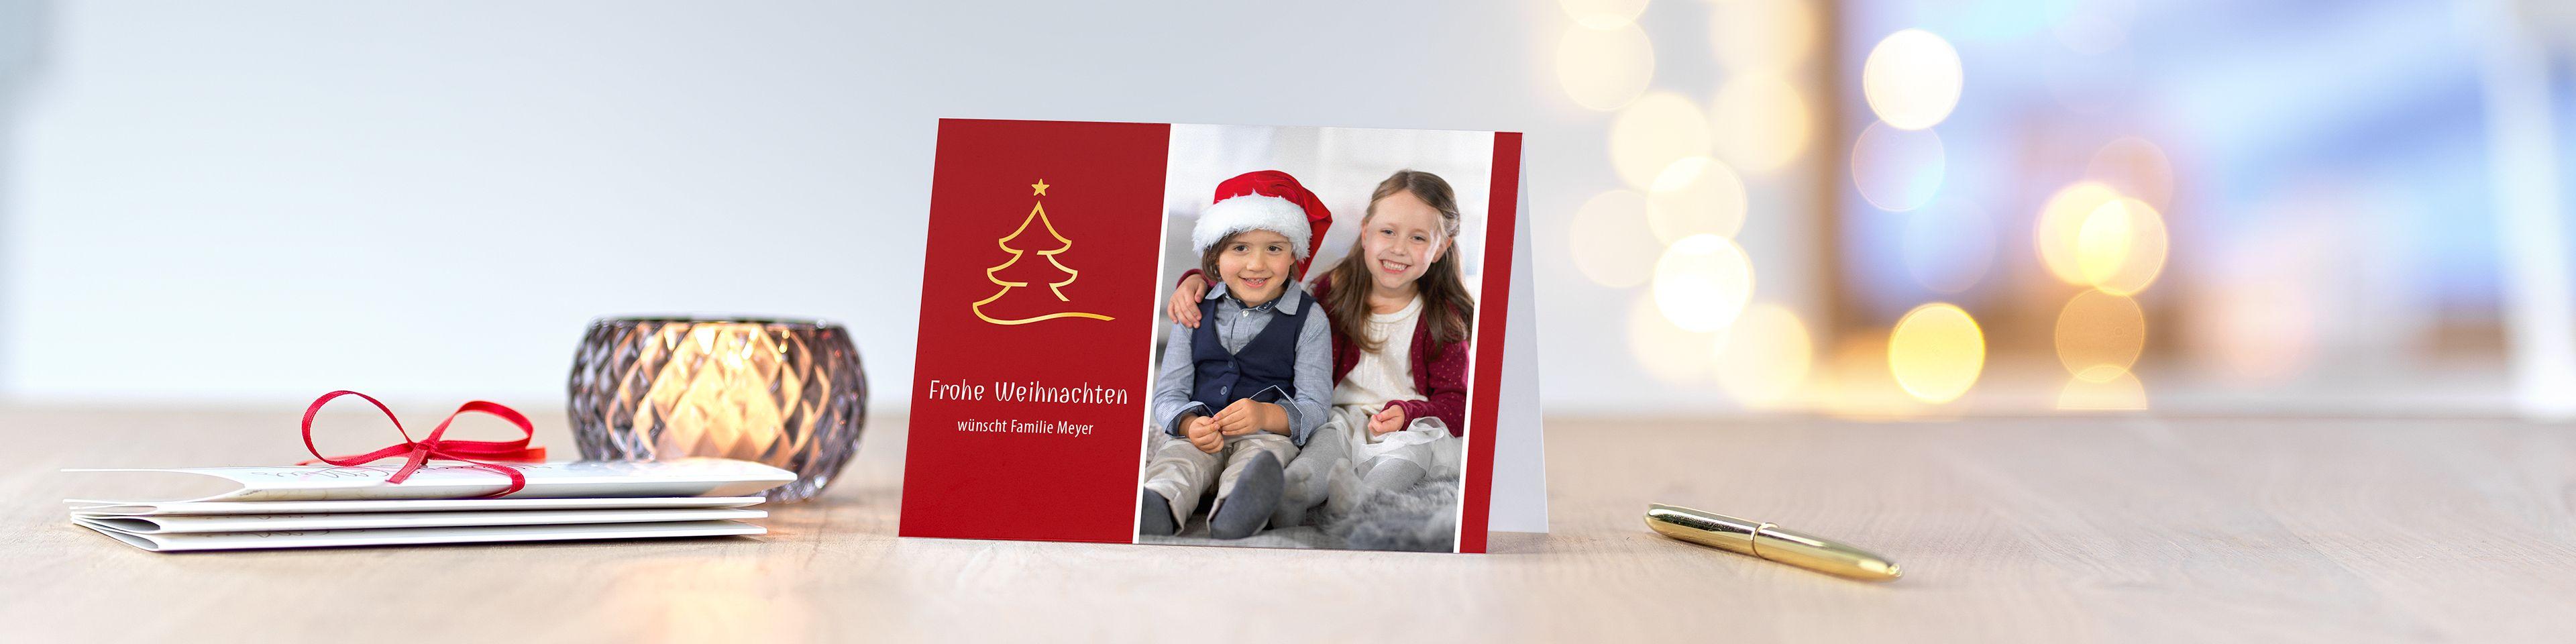 Cewe Weihnachtskarten.Individuelle Weihnachtskarten Online Selber Gestalten Cewe